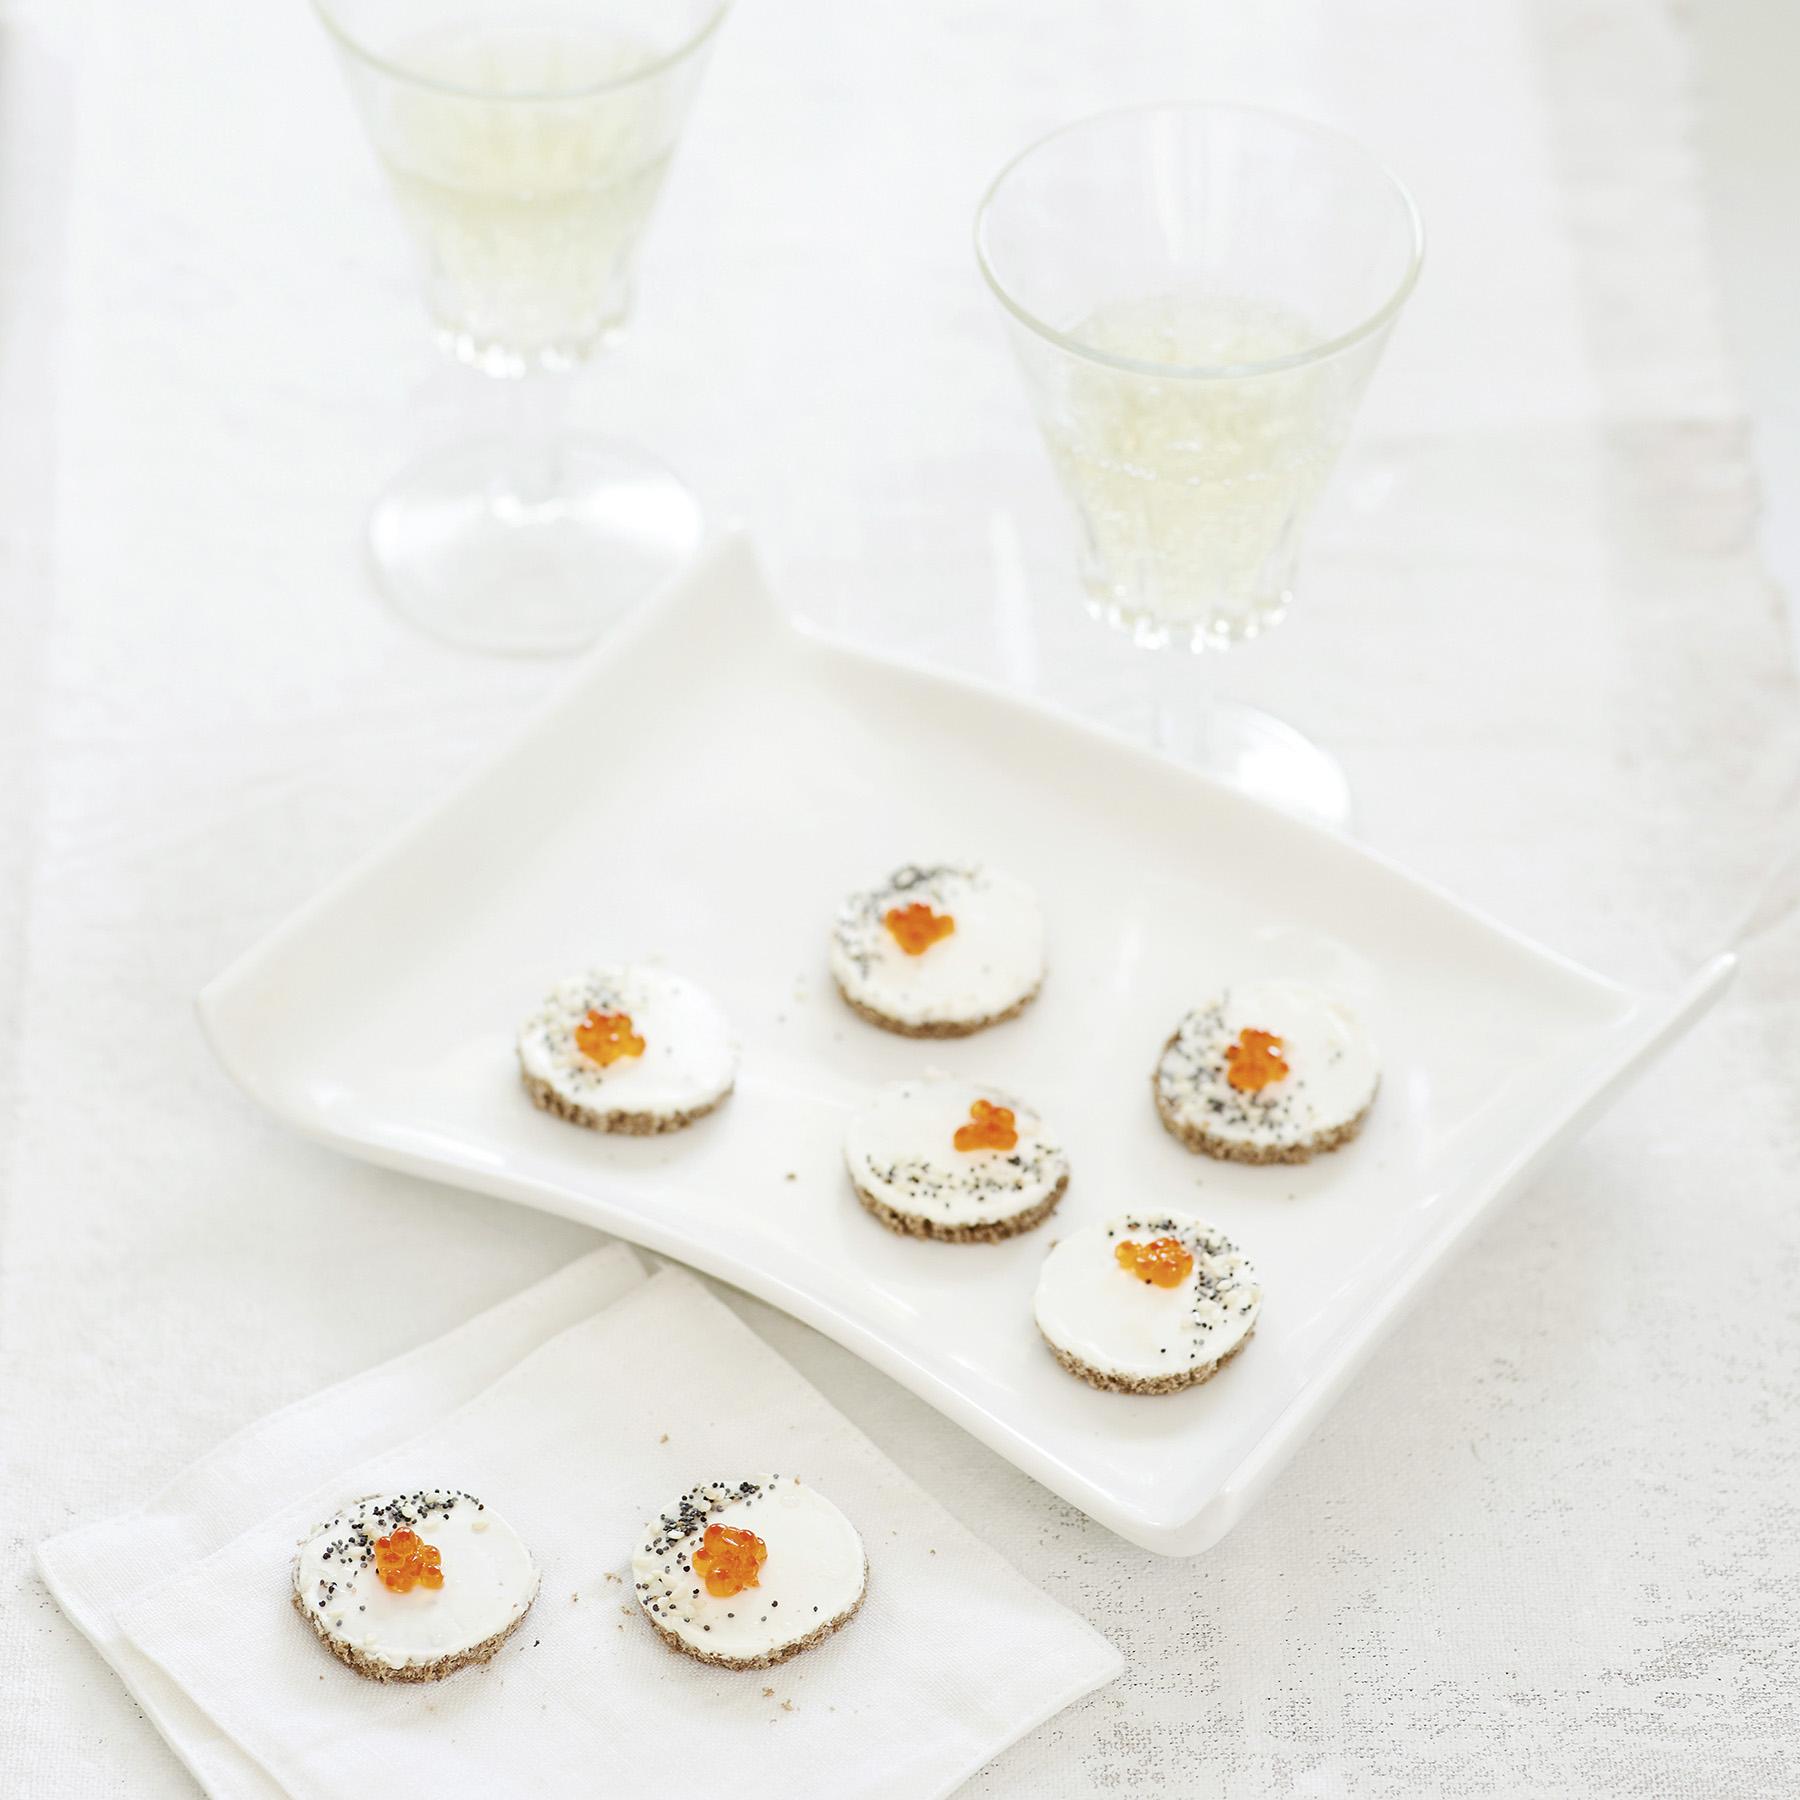 caviar + everything bagel bites